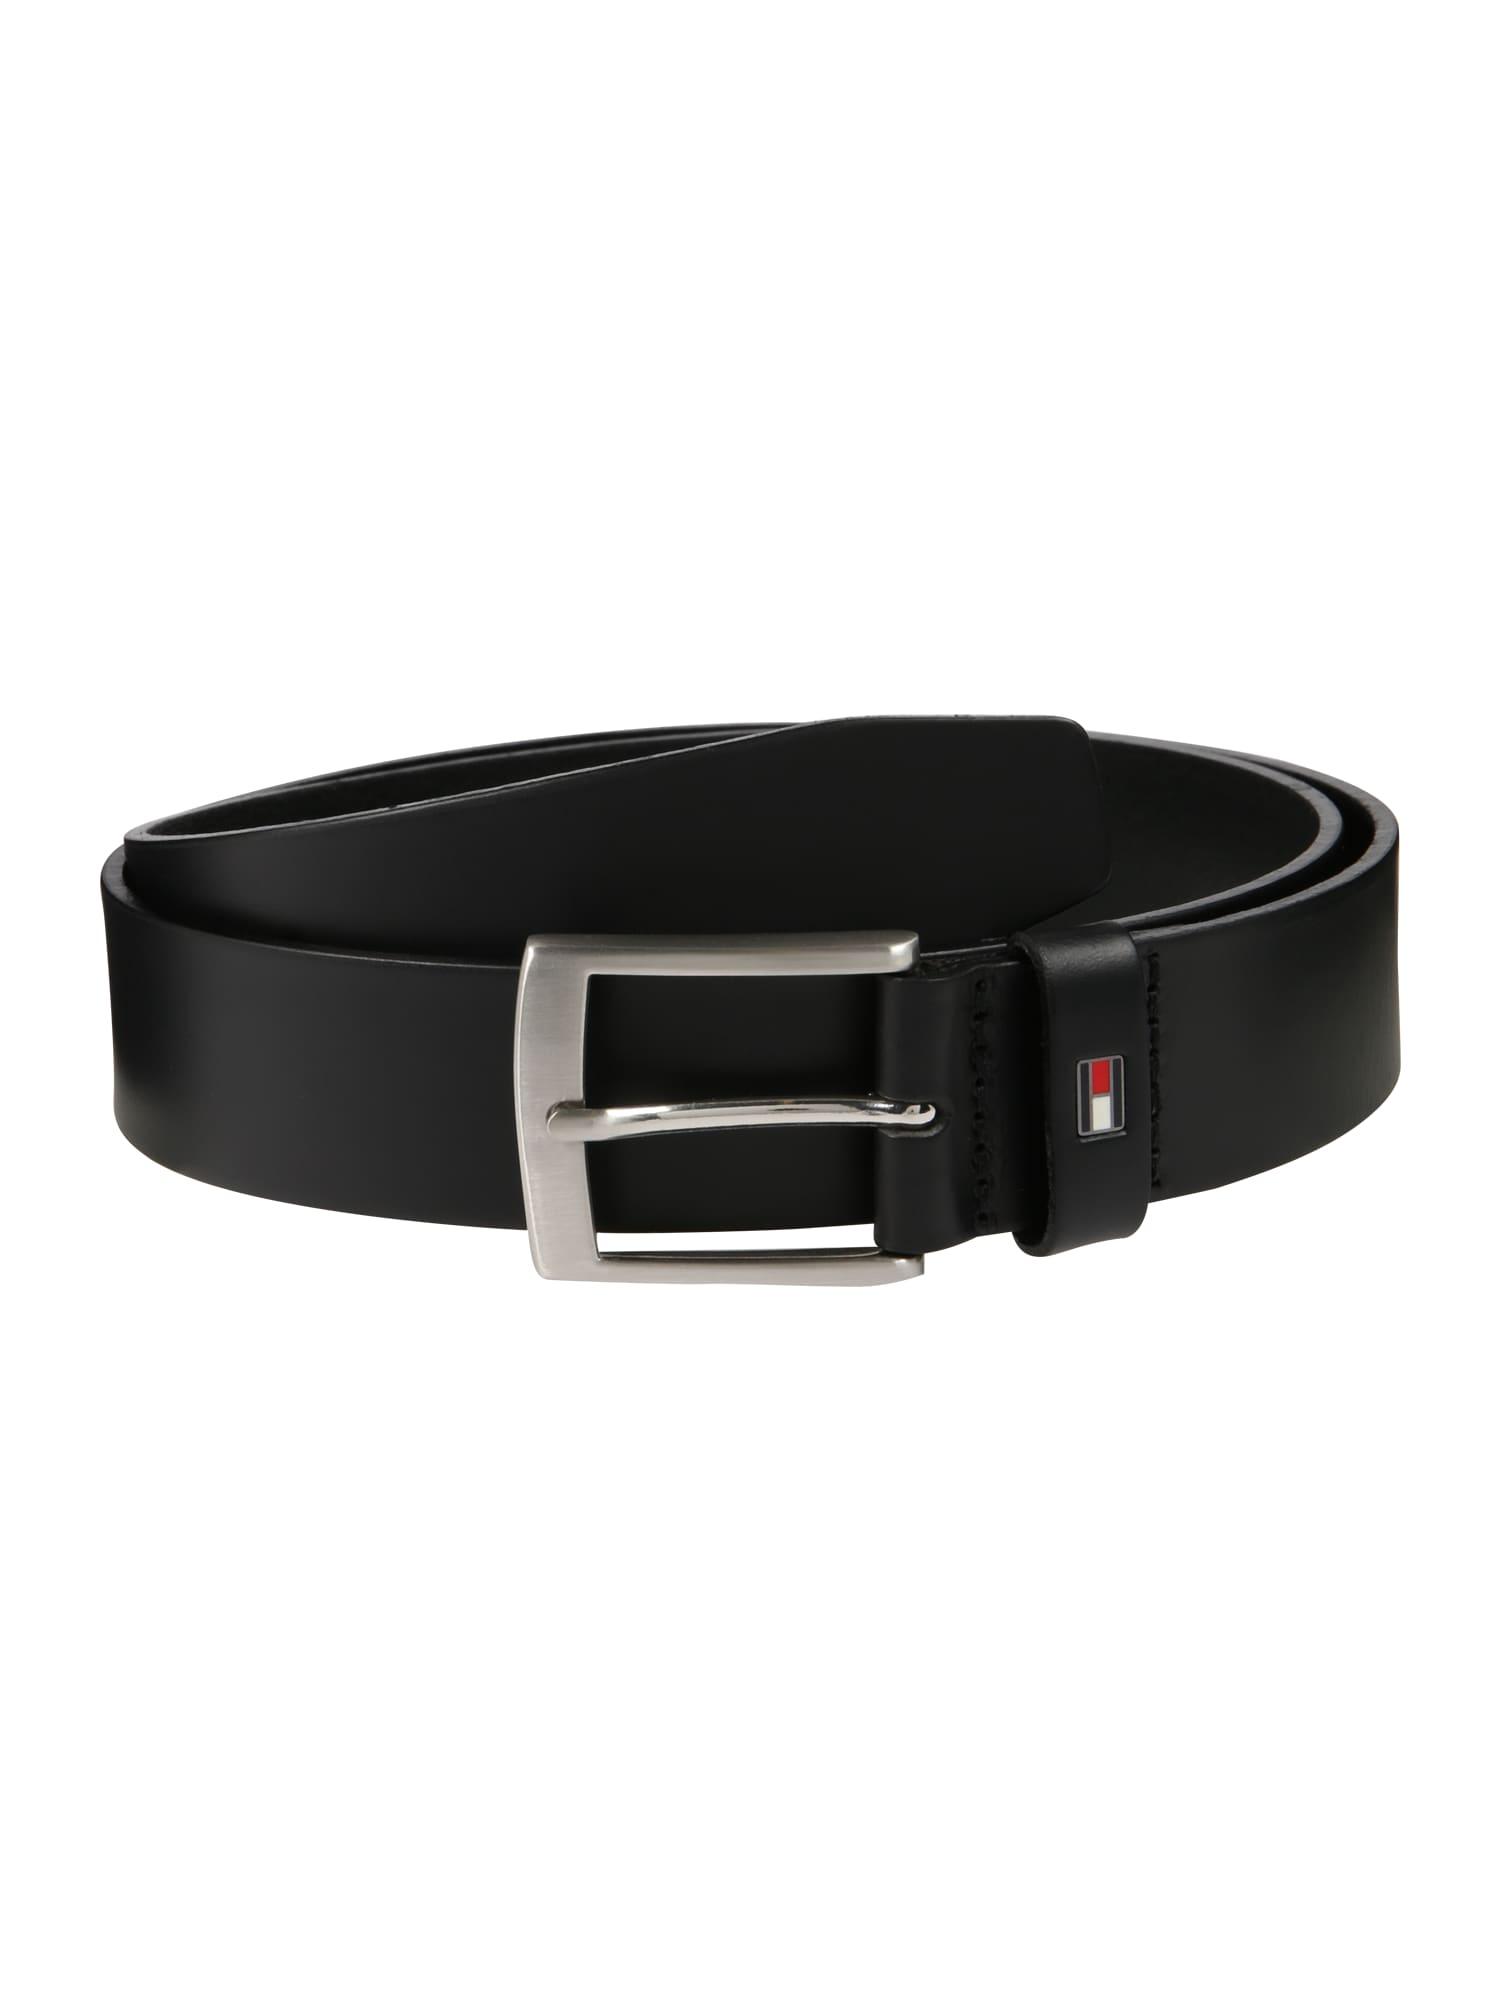 Opasek Adan Leather Belt 3.5 černá TOMMY HILFIGER